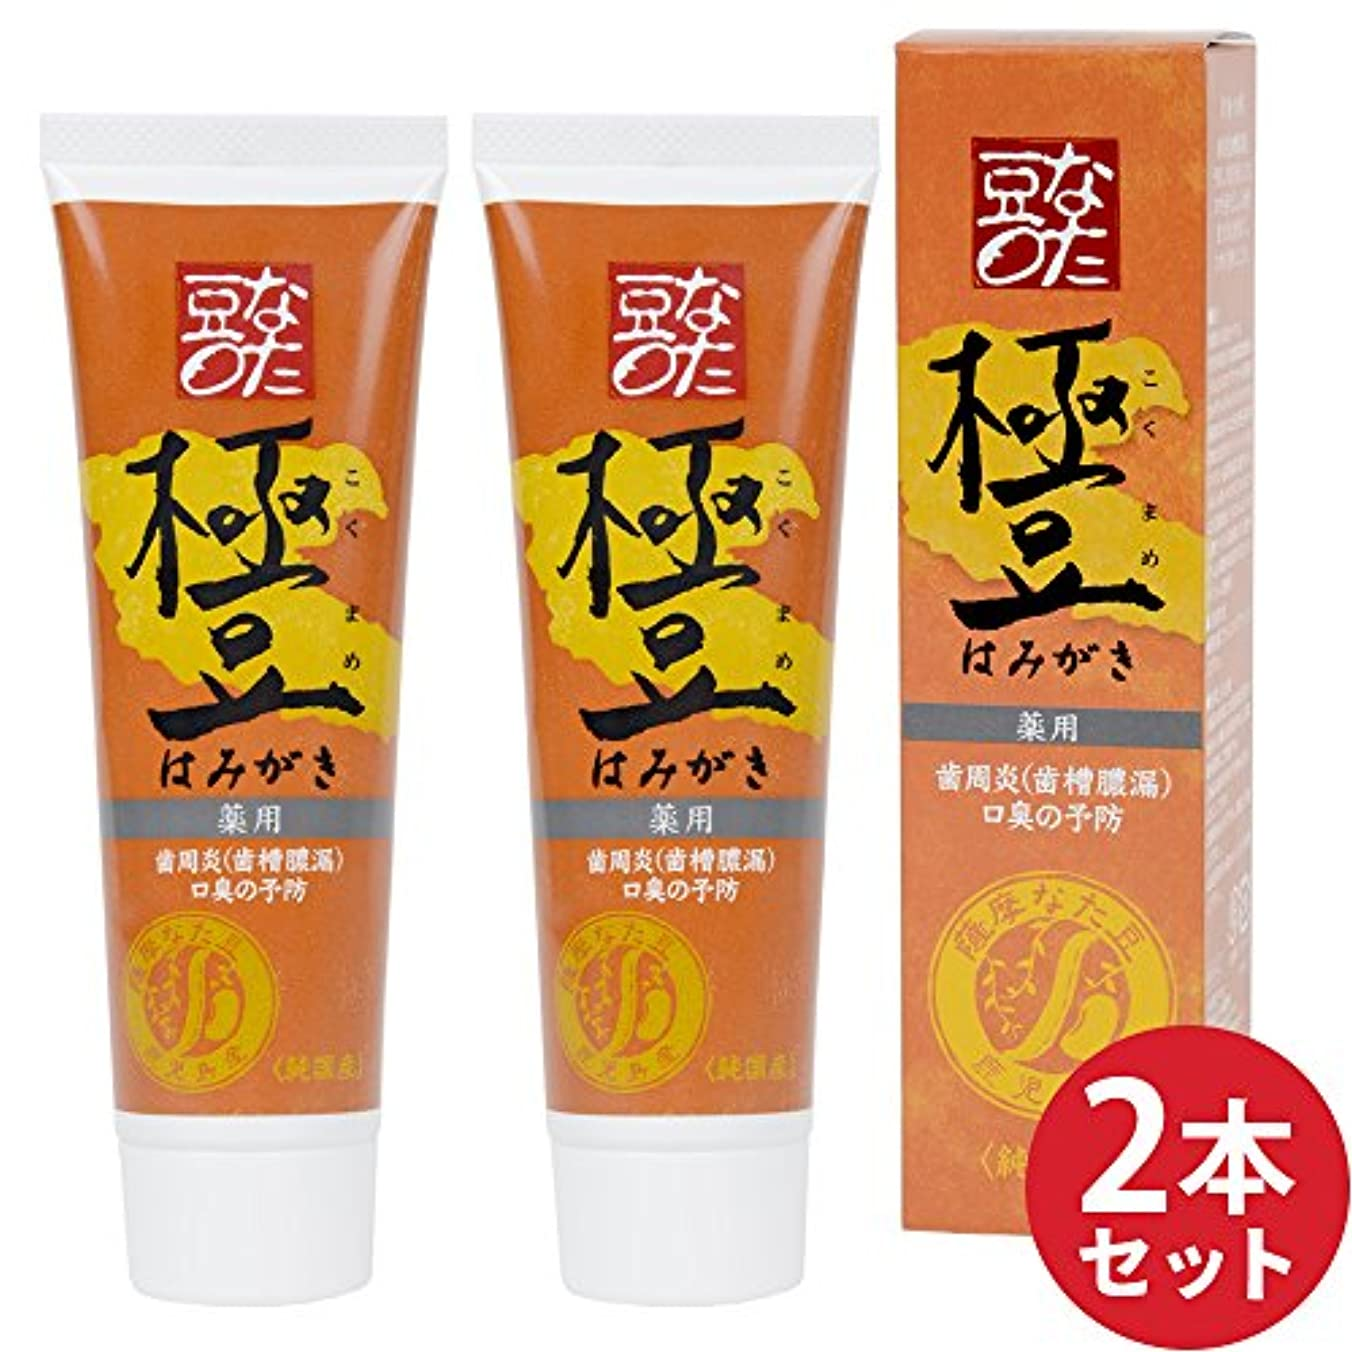 柔らかさ遺伝子ムス2本セット【薬用】薩摩なた豆歯磨き(内容量:110g×2)